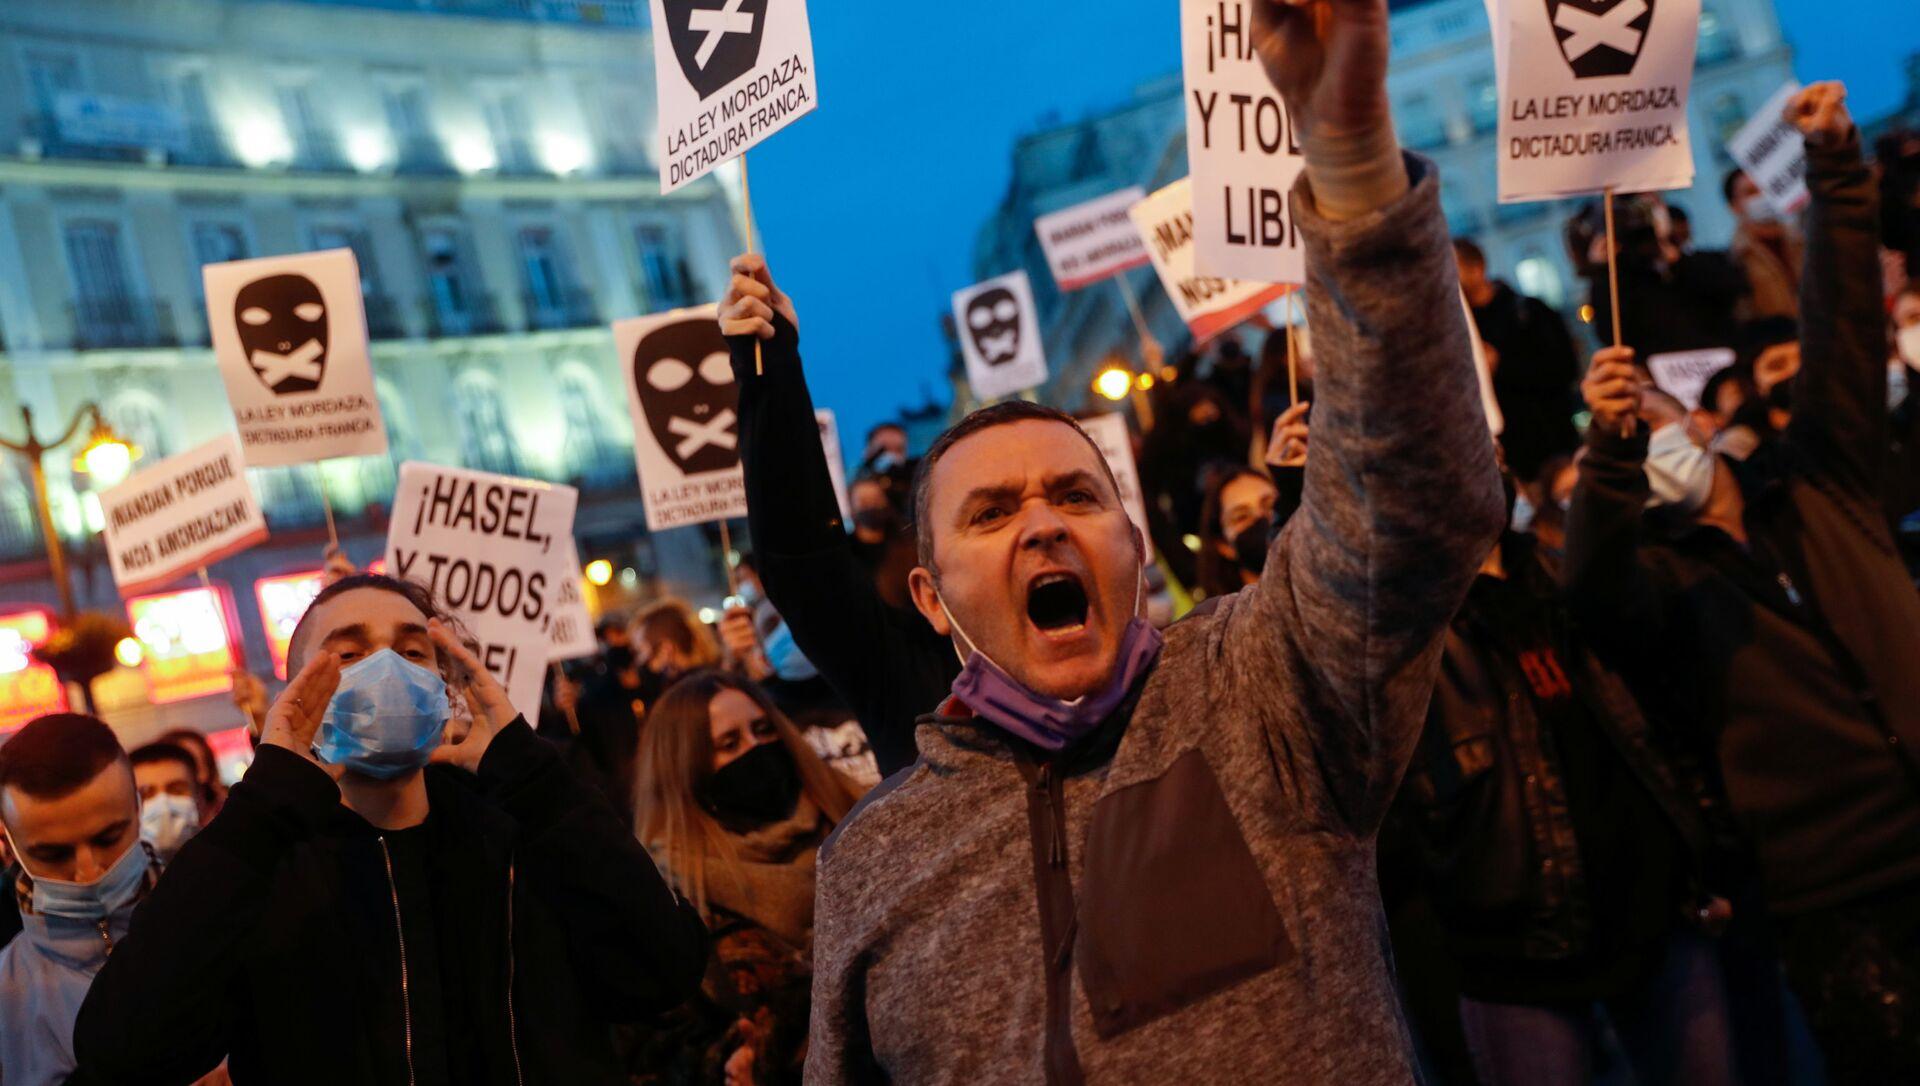 Příznivci rappera Pabla Hazela na protestu ve španělském Madridu - Sputnik Česká republika, 1920, 25.02.2021